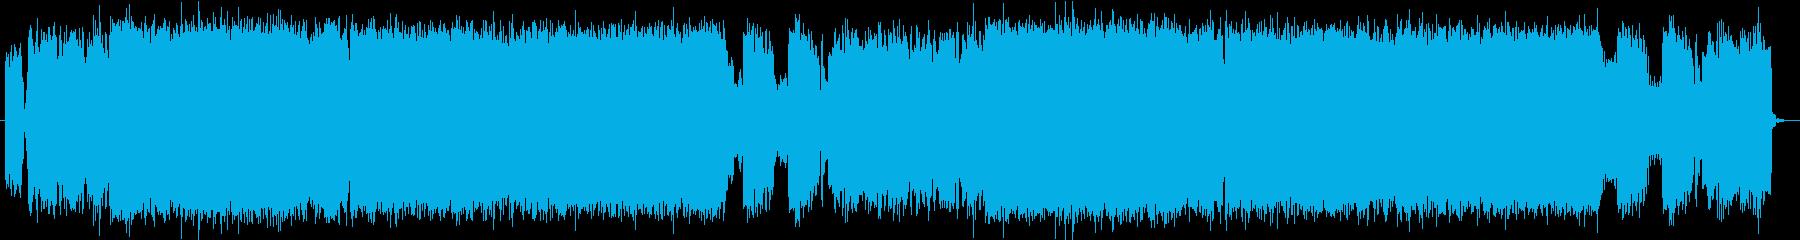 バトル風 ヘビーメタル03の再生済みの波形